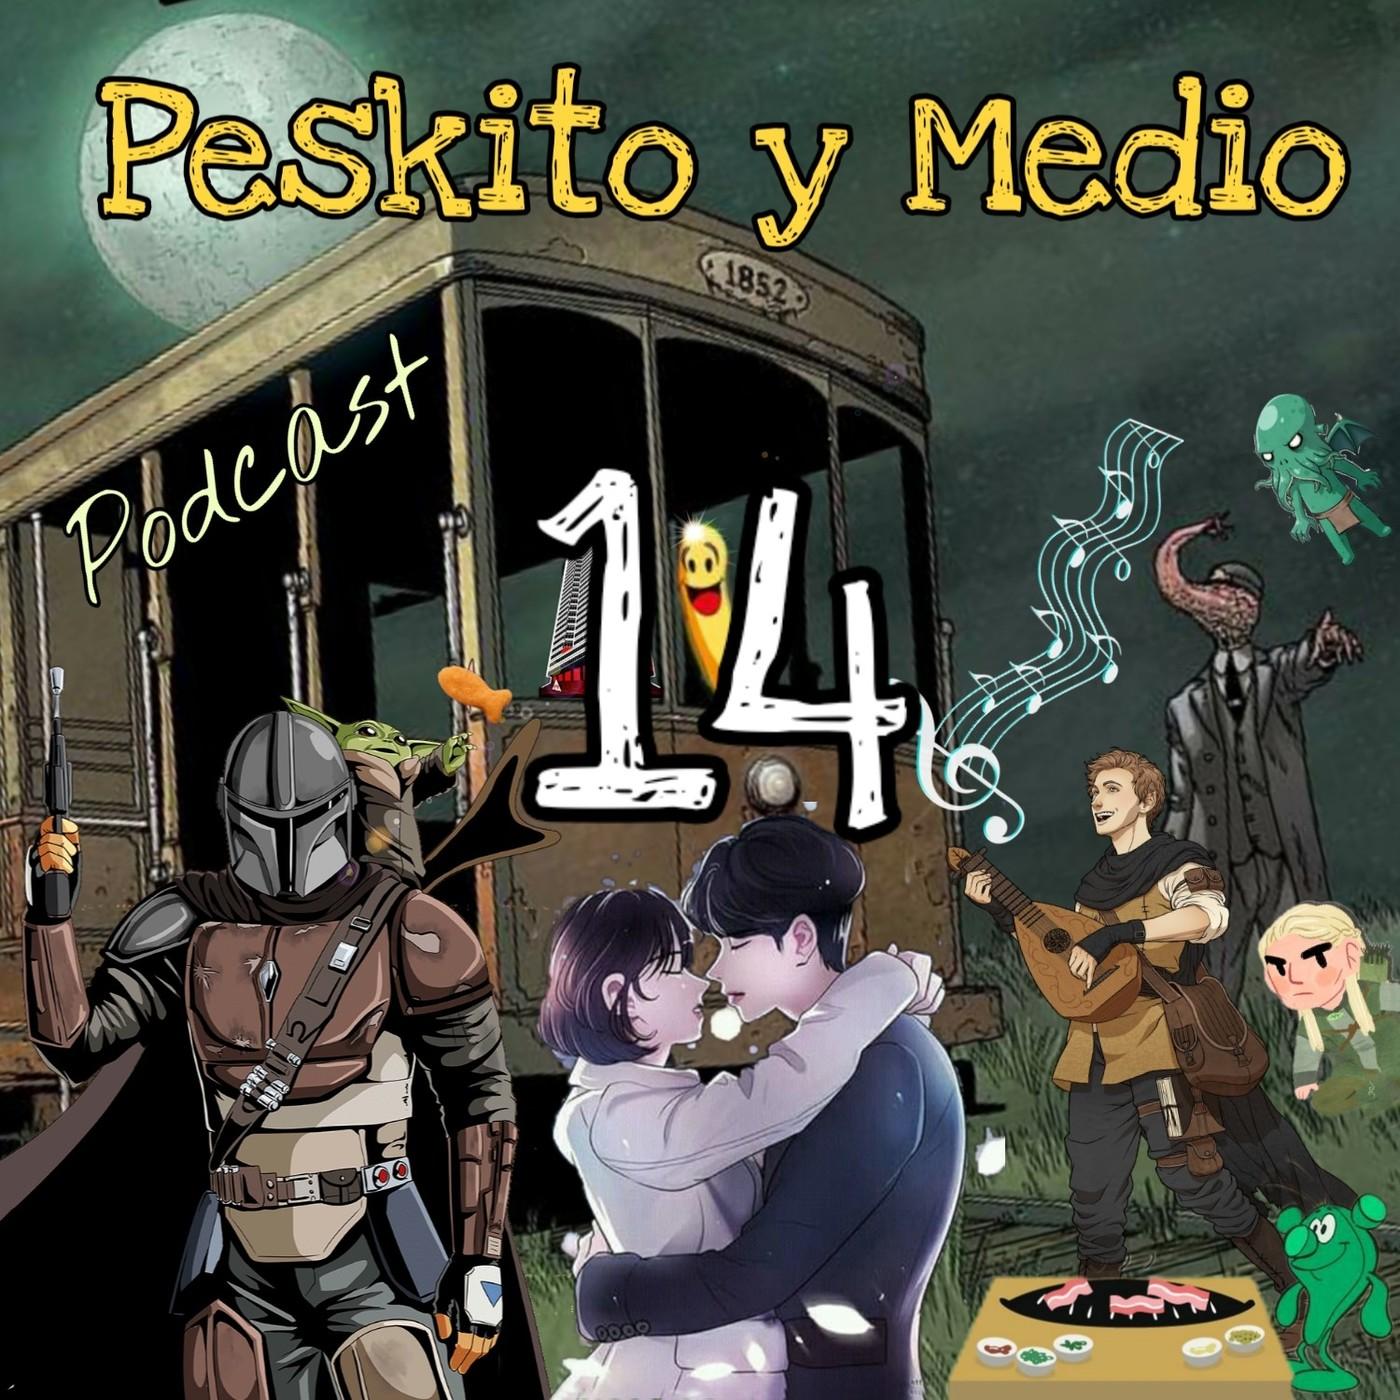 Podcast Peskito y Medio 14: El Mandaloriano - Providence - Mientras dormías (+ Samgyeopsal) - BSOs Fantasía